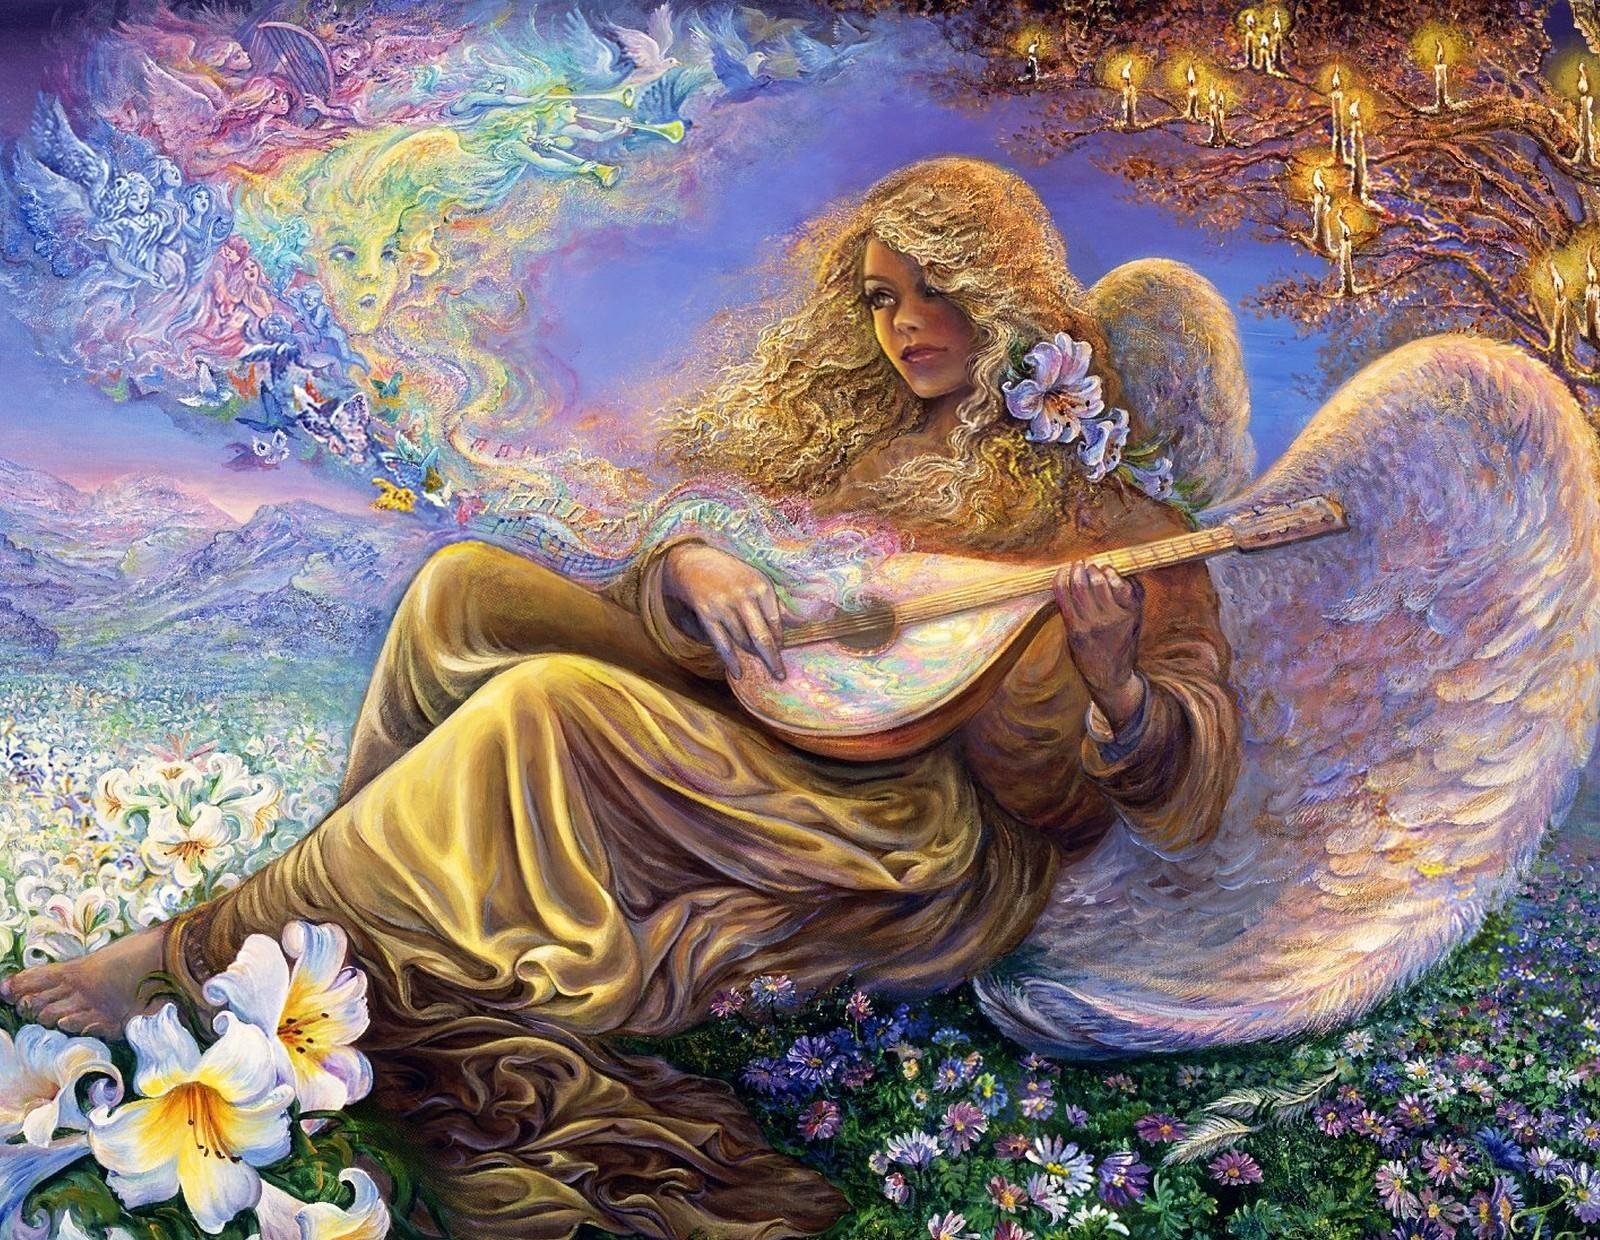 103175 Hintergrundbild herunterladen Engel, Musik, Blumen, Mädchen, Fantasie, Kerzen, Melodie - Bildschirmschoner und Bilder kostenlos